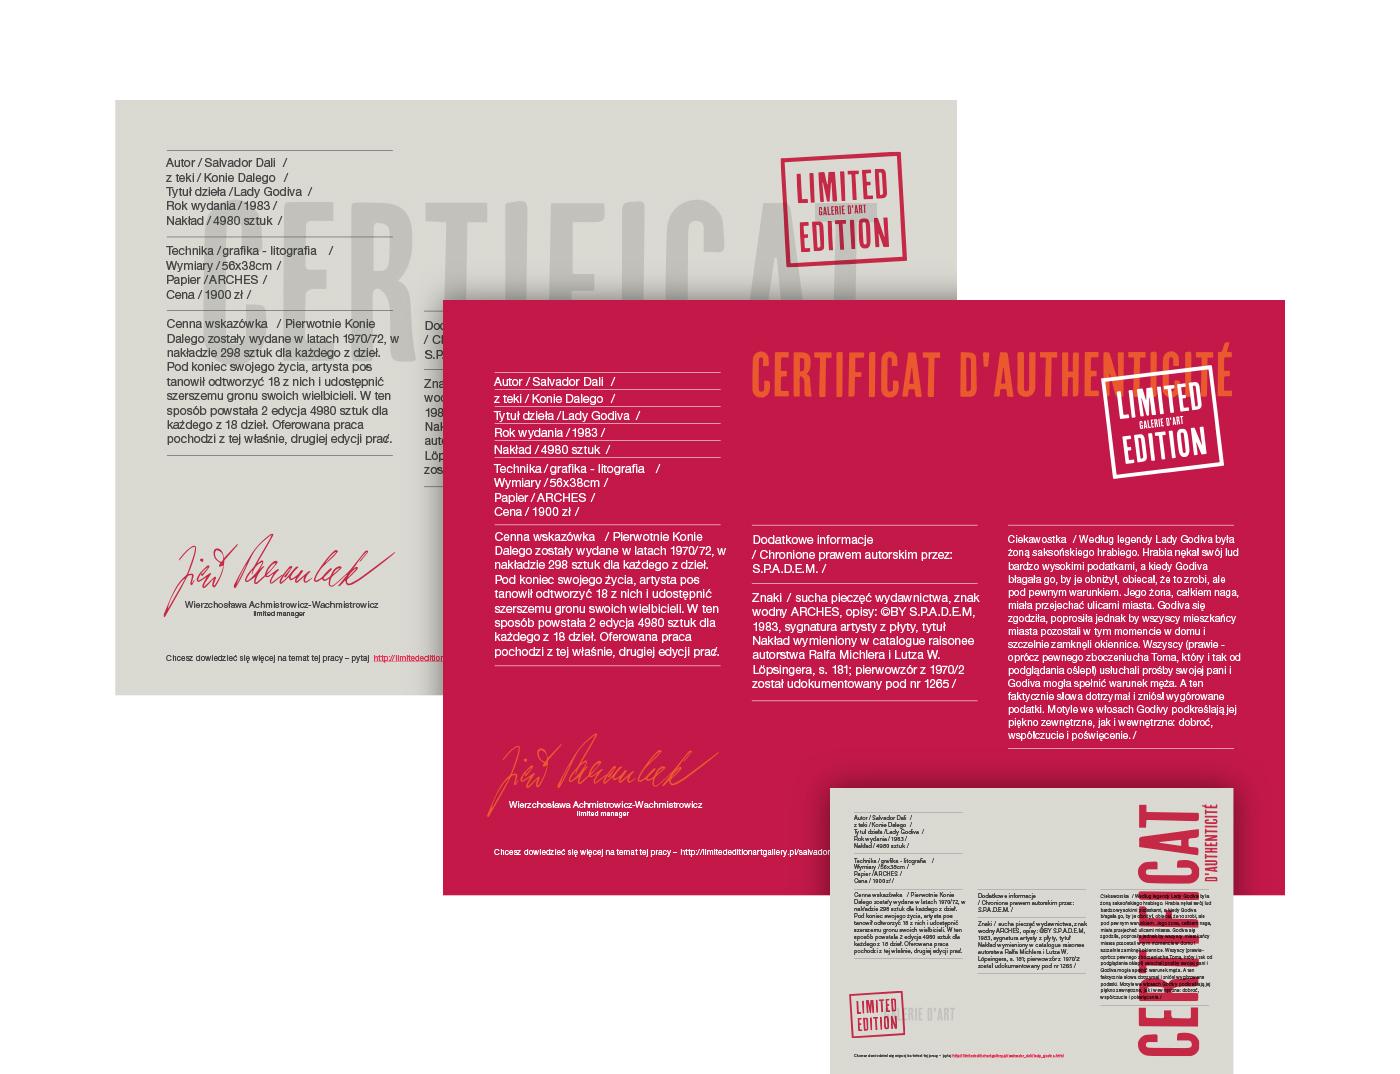 Identyfikacja wizualna dla galerii sztuki Limited Edition - certyfikat dołączany do sprzedanego obrazu